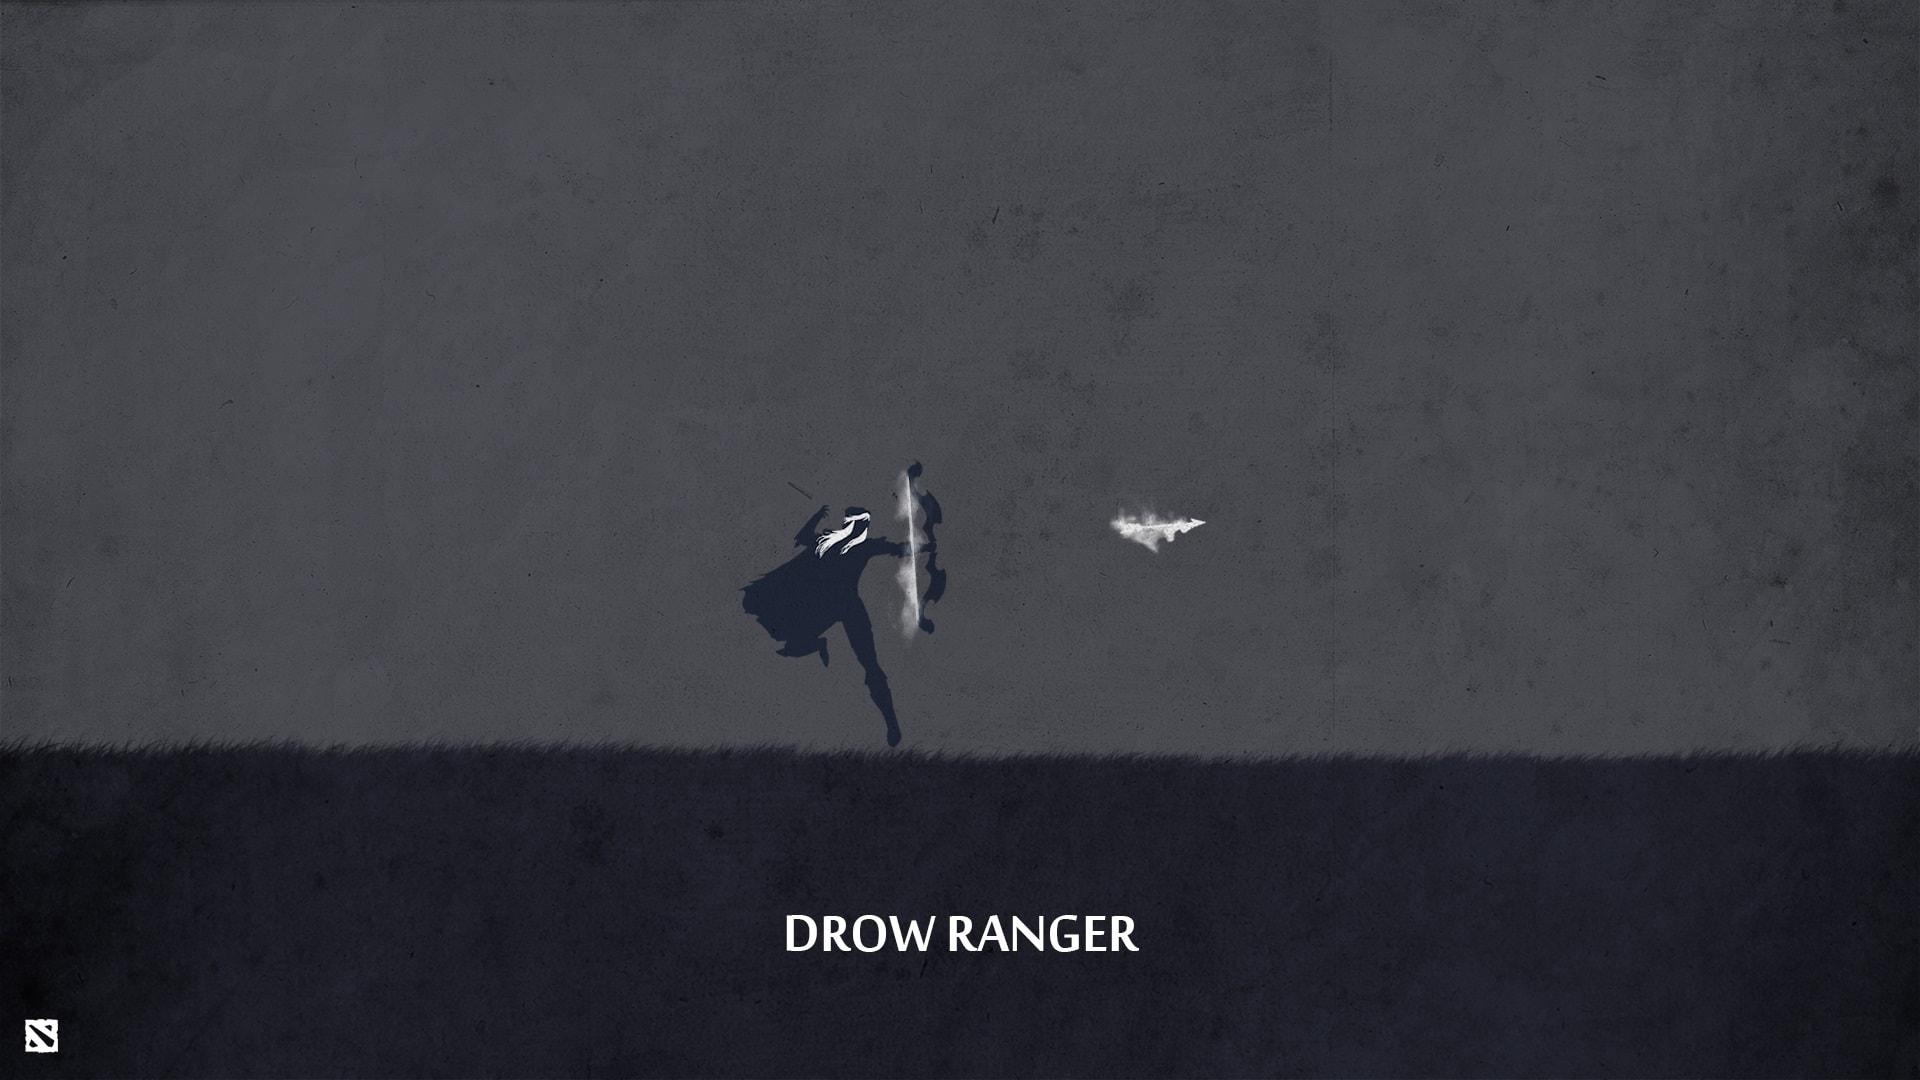 Dota2 : Drow Ranger widescreen